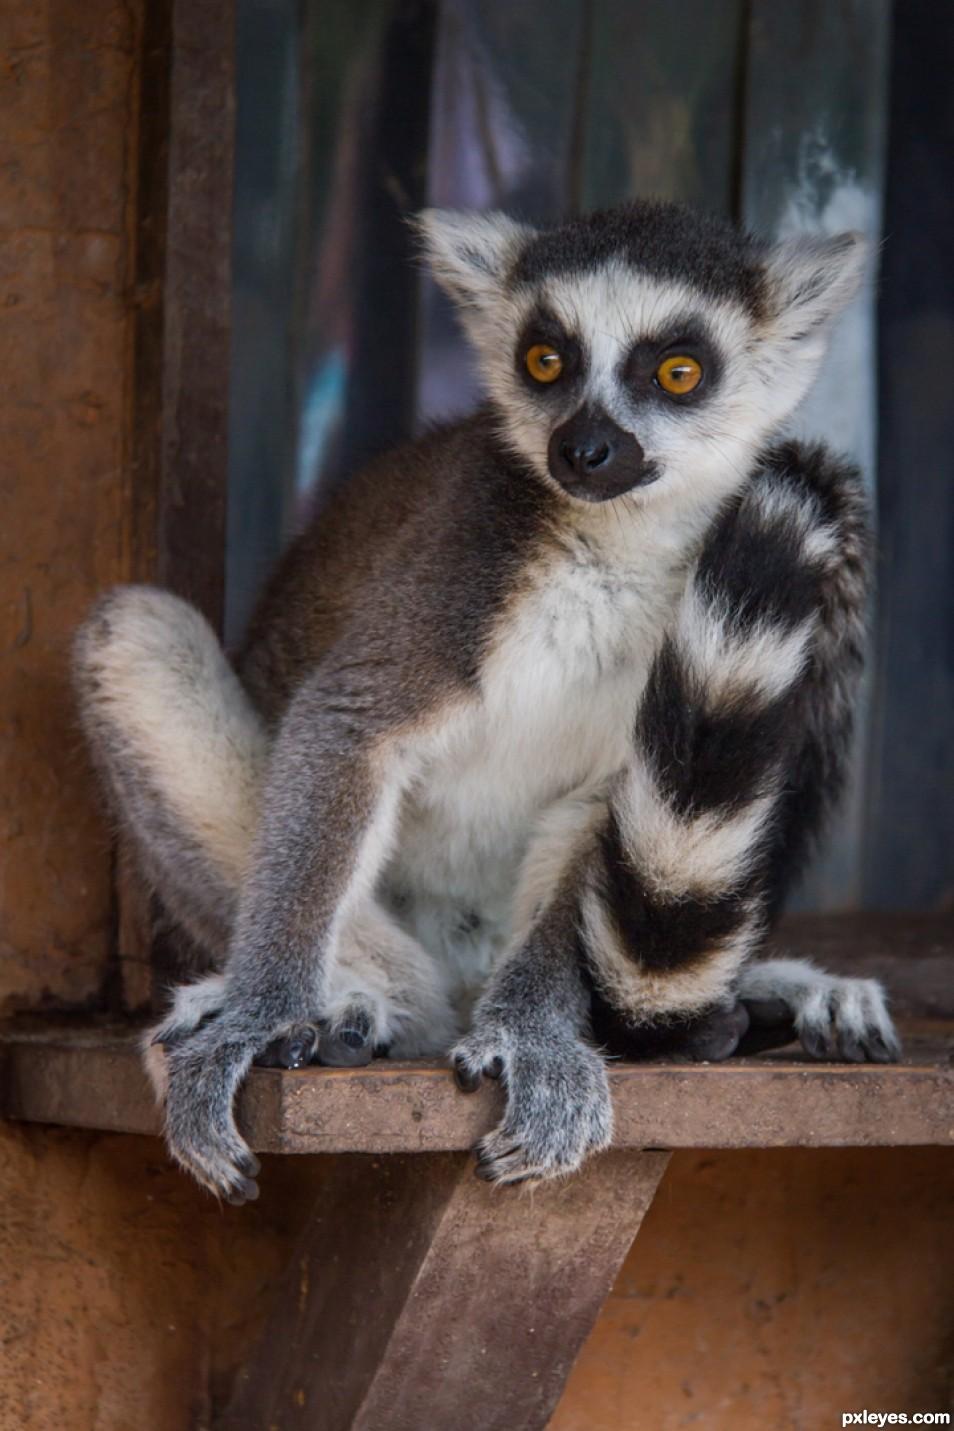 Madagascar - Lemur